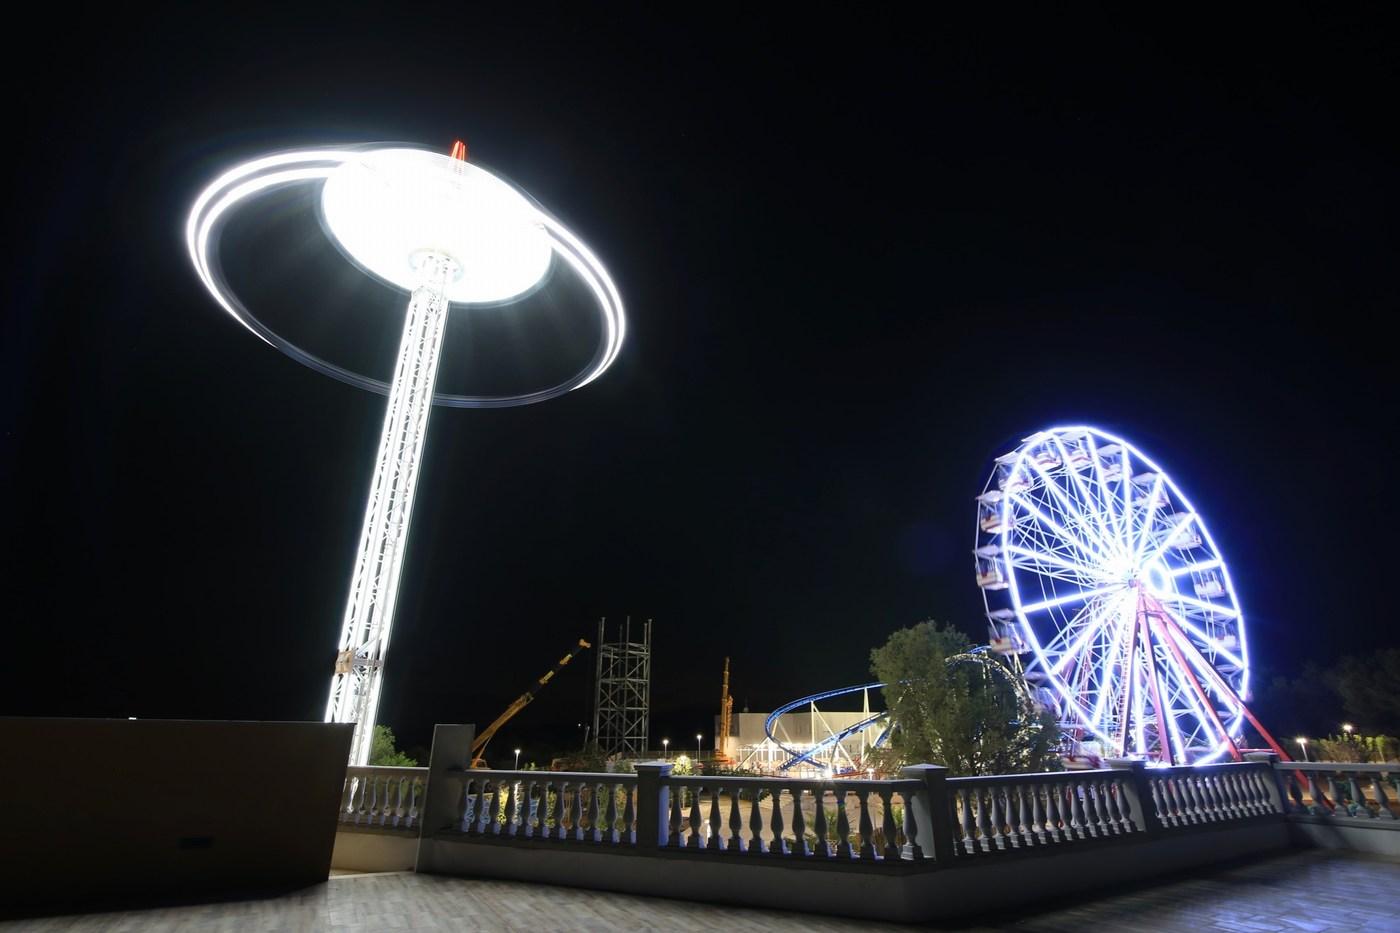 Zabaviščni park naj bi se v prihodnjih letih, če bo uspešno posloval, še širil. Dogradili naj bi aquapark, vodno mesto.